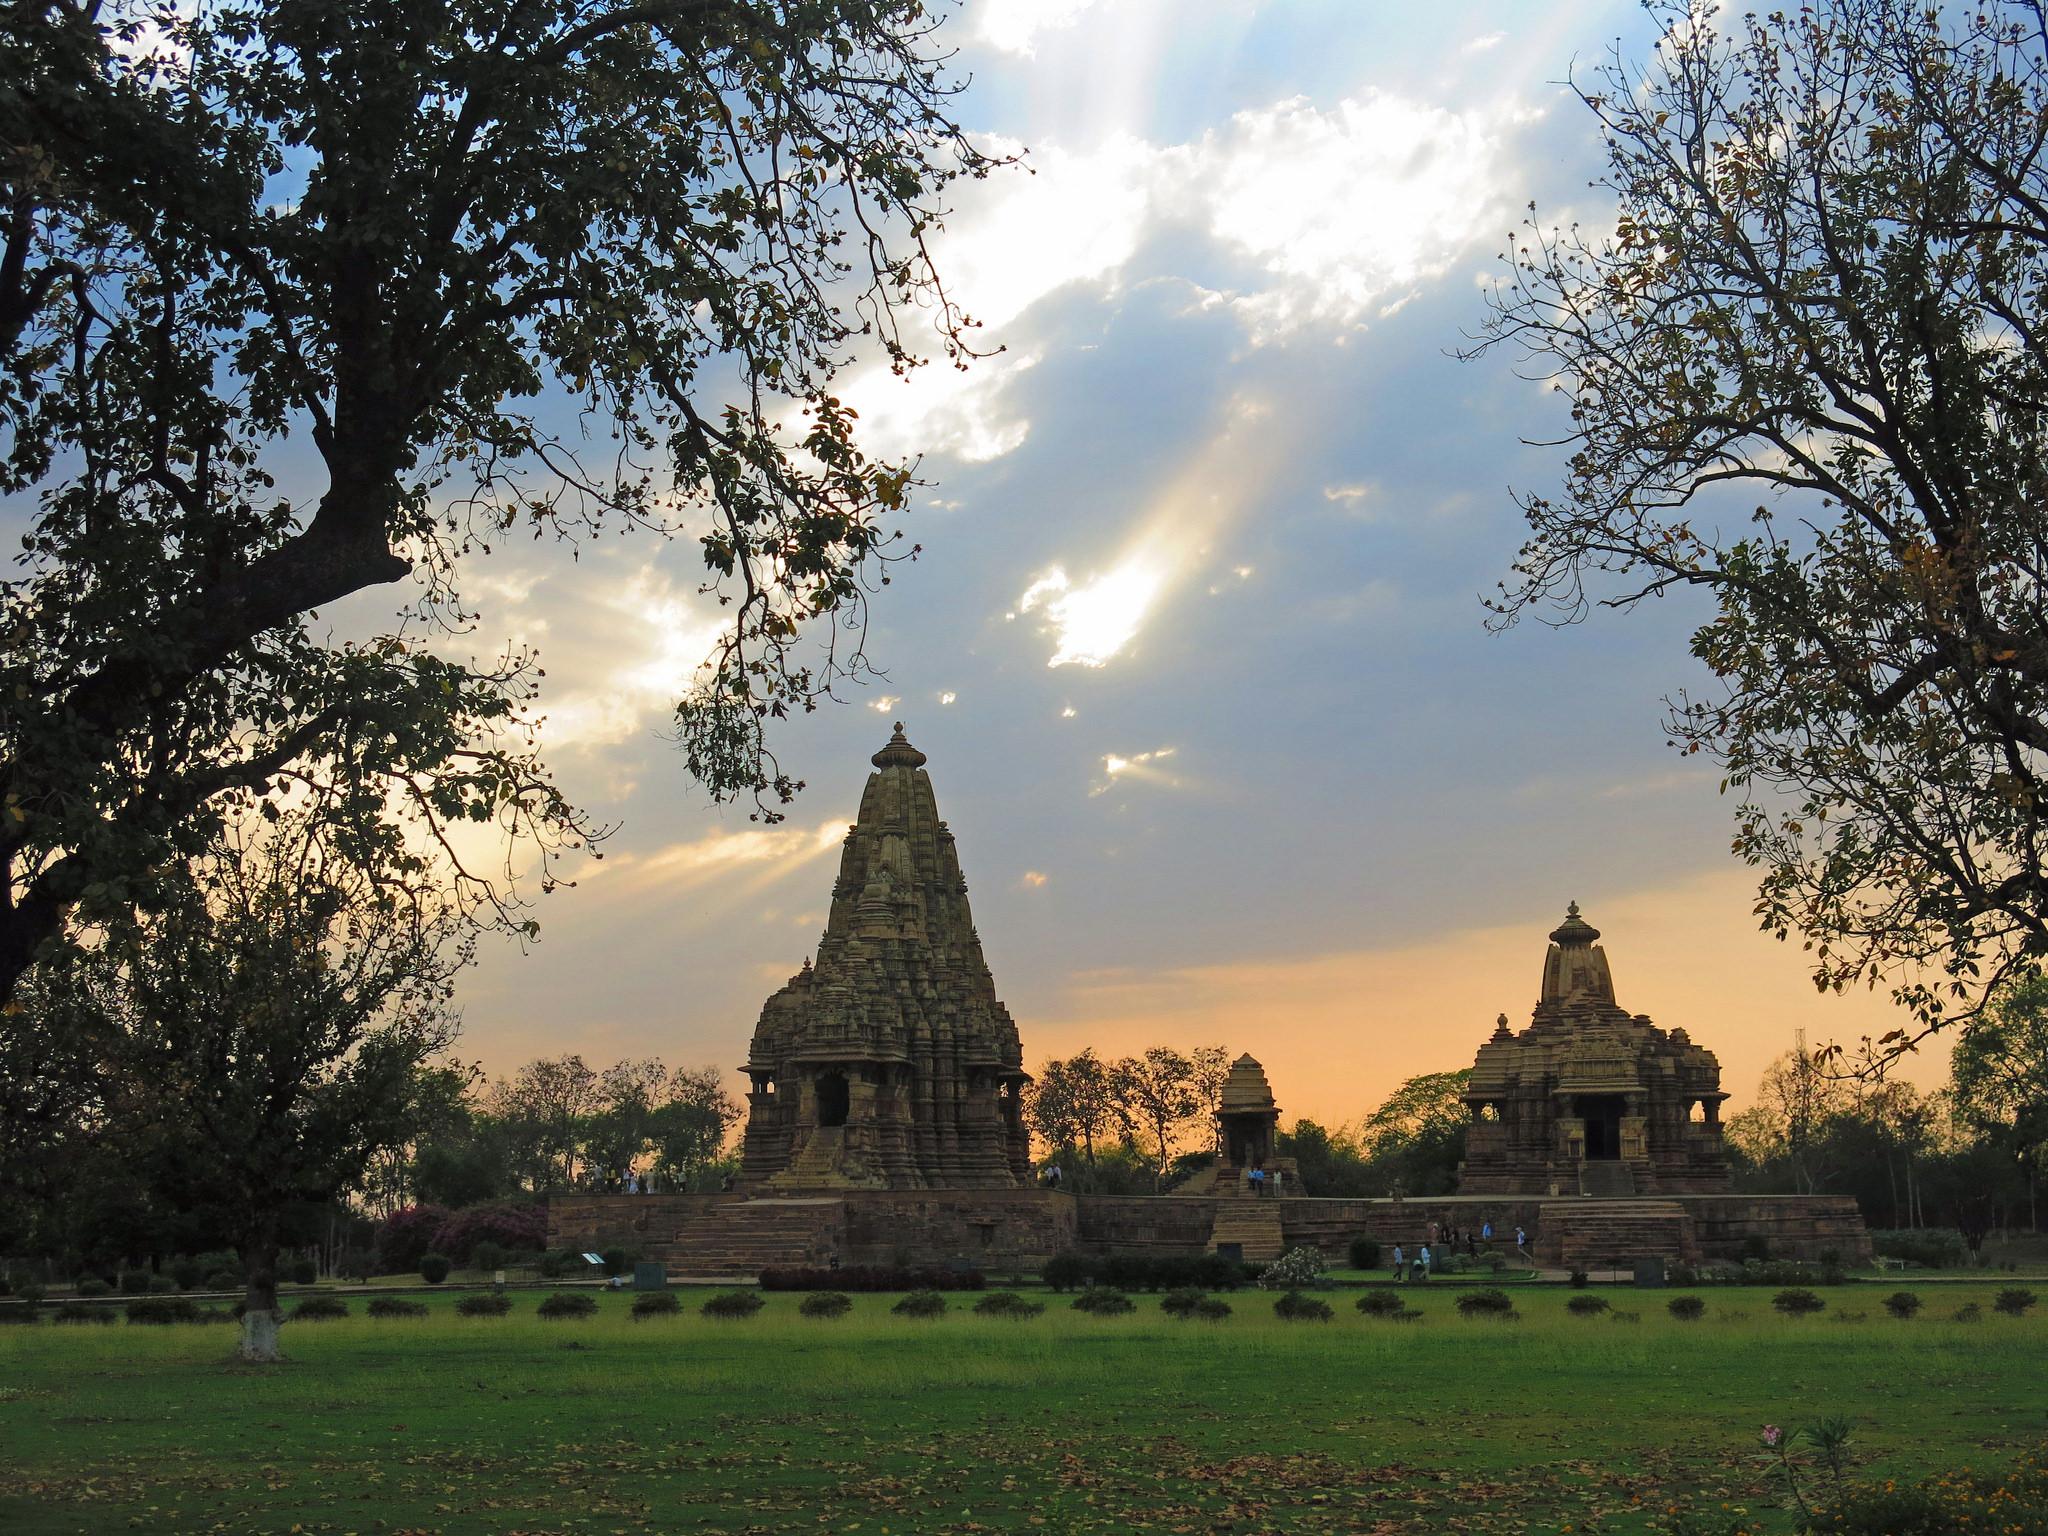 Einer der schönsten Tempel Indiens: Der Tempel von Khajuraho mit erotischen Schnitzereien